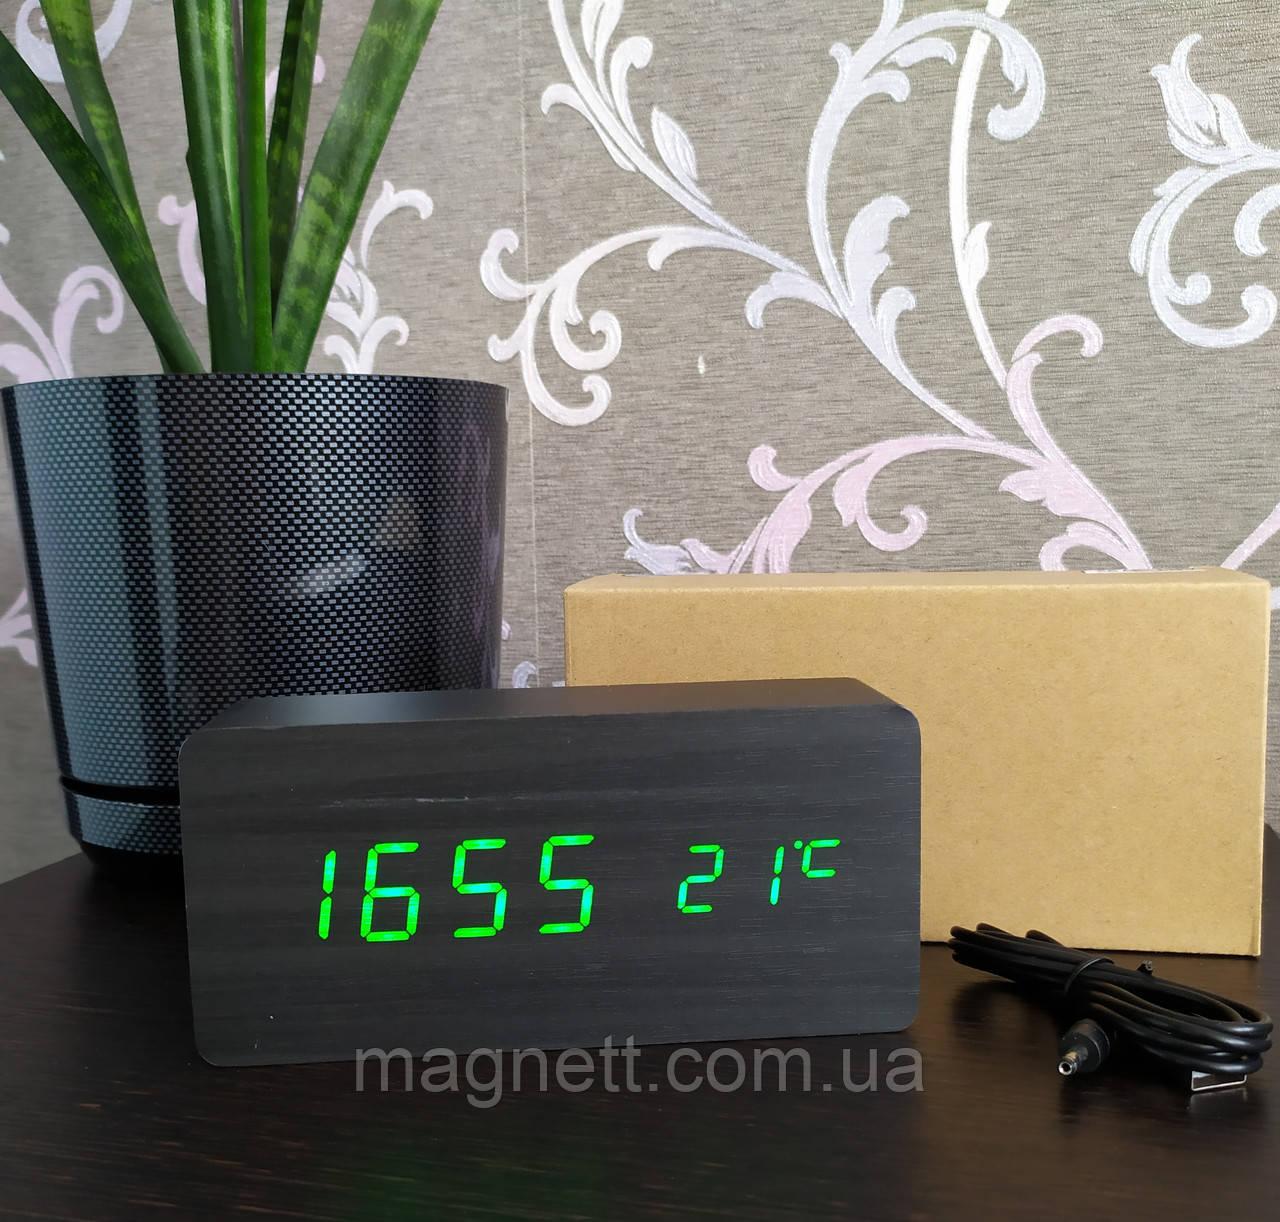 Электронные часы VST-862 в деревянном корпусе с температурой (черный корпус с зелеными цыфрами)